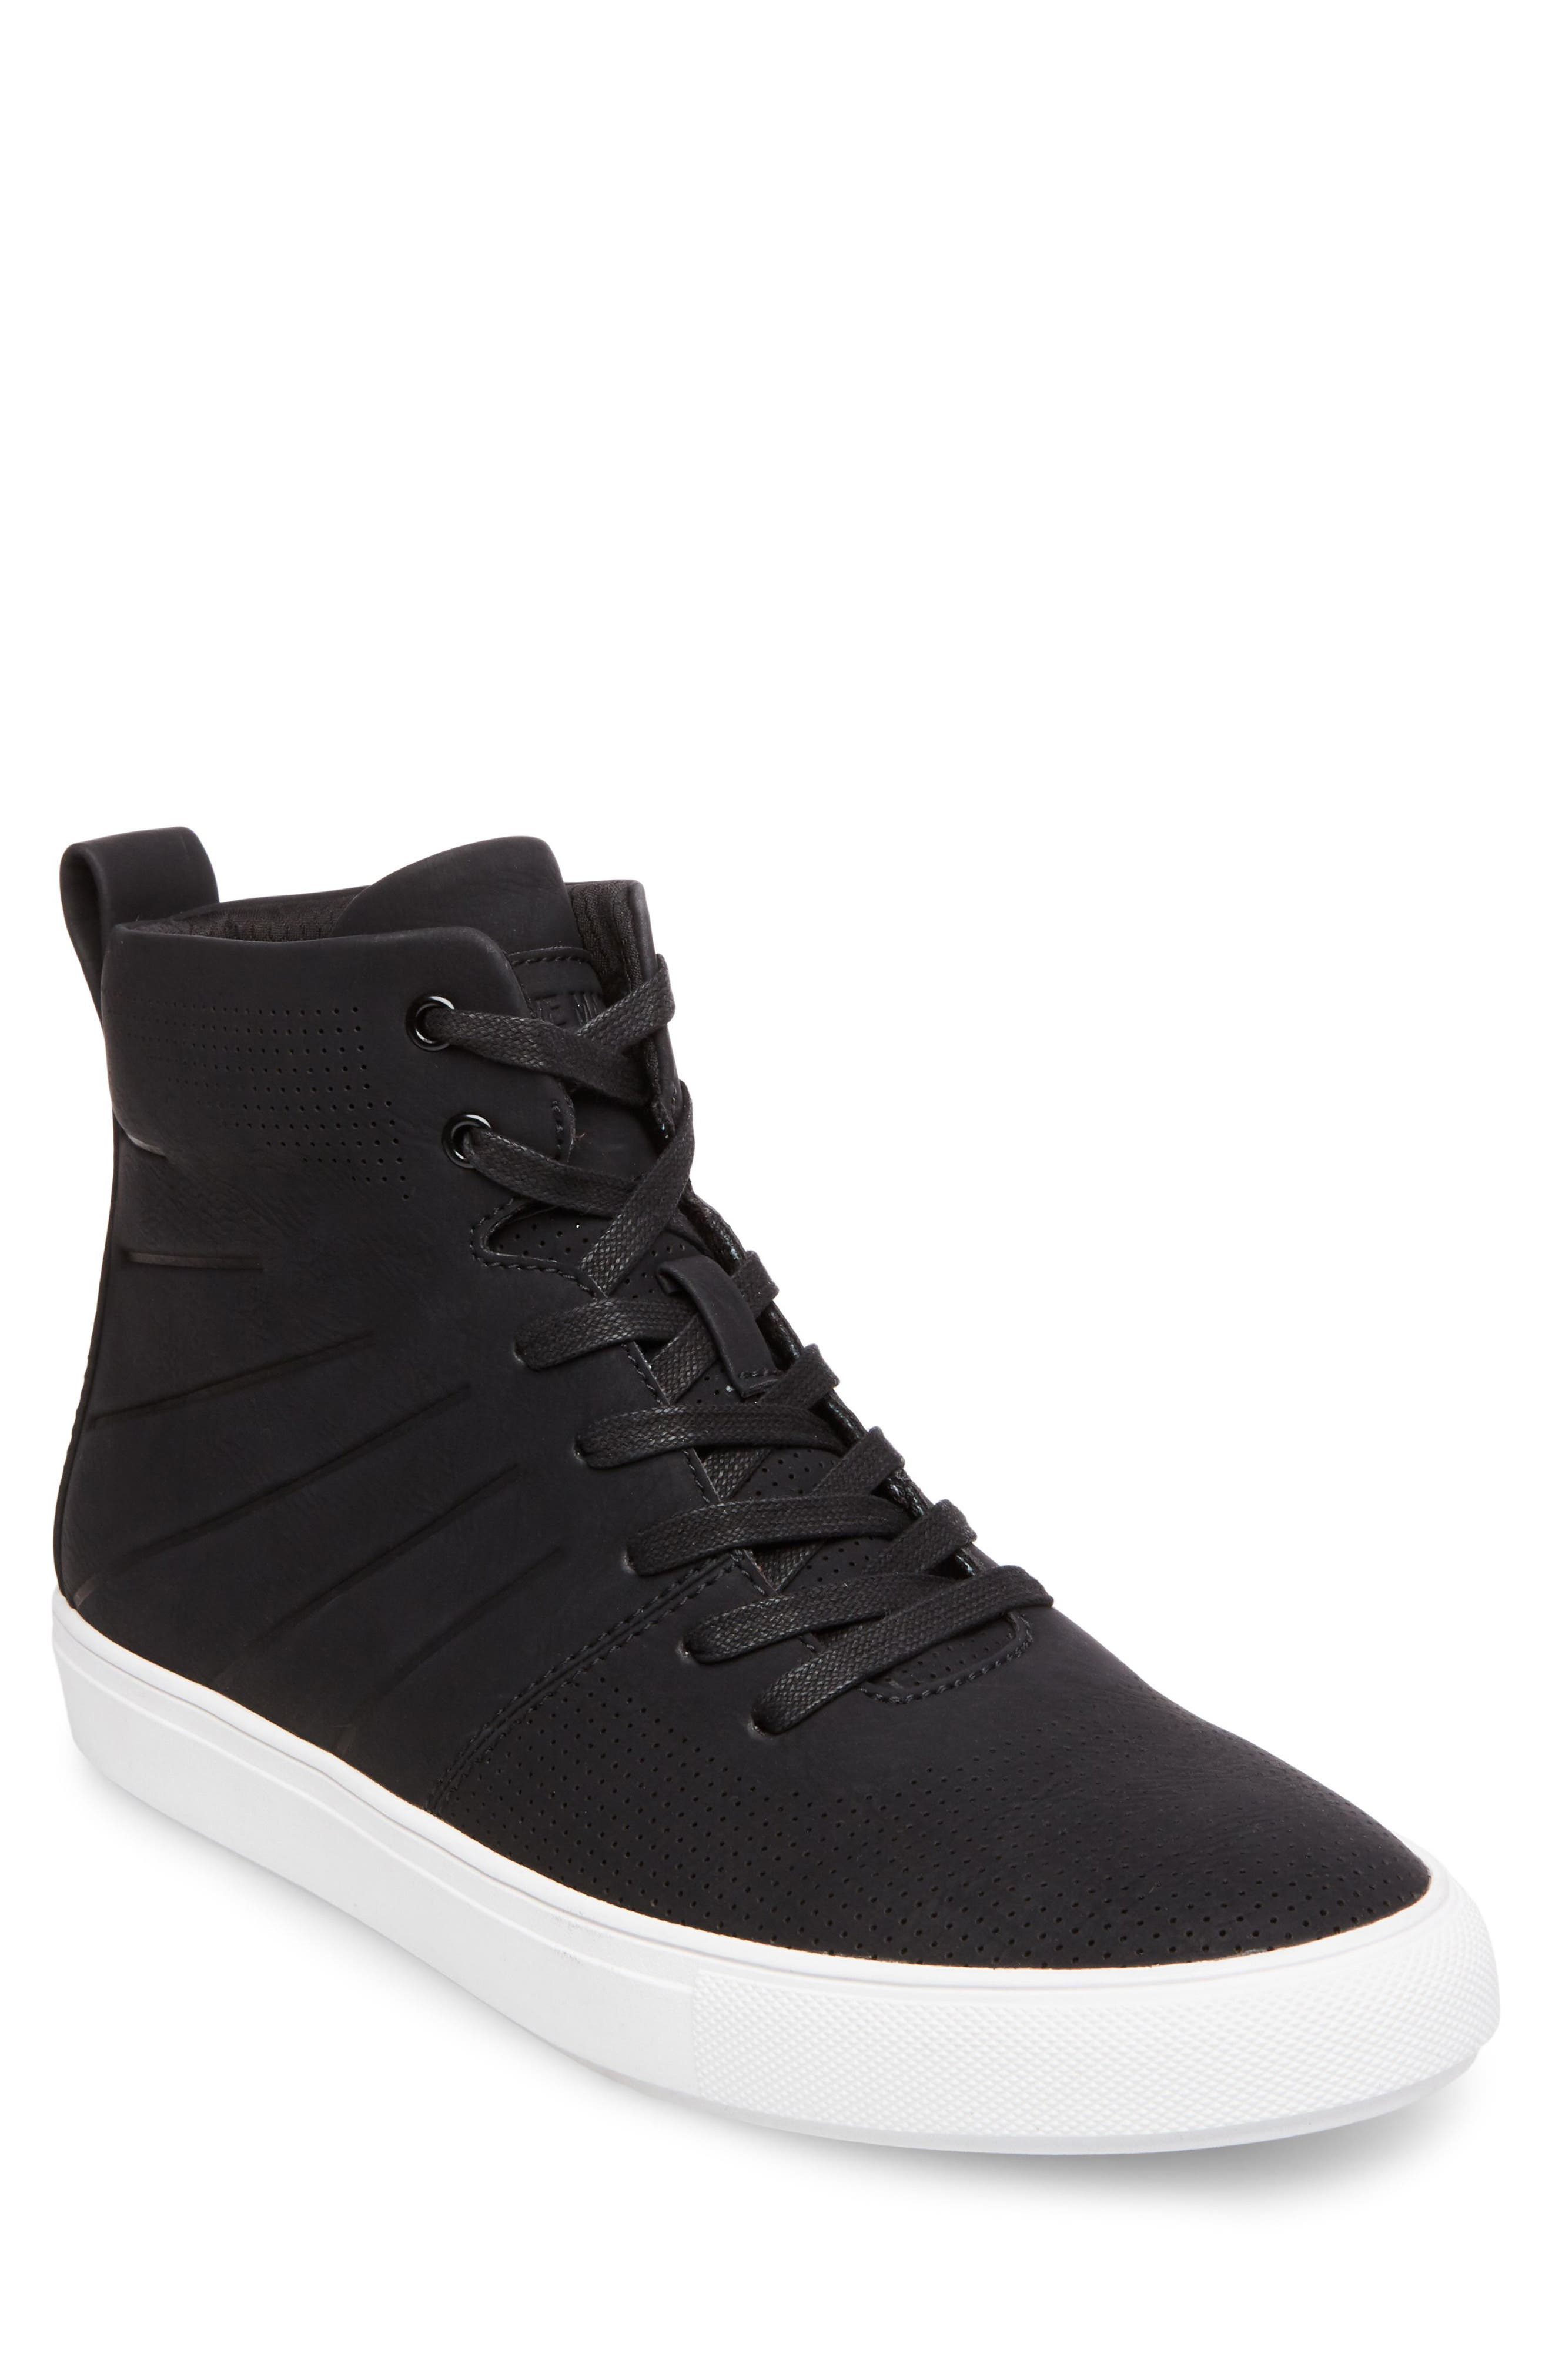 Eskape Sneaker,                             Main thumbnail 1, color,                             BLACK